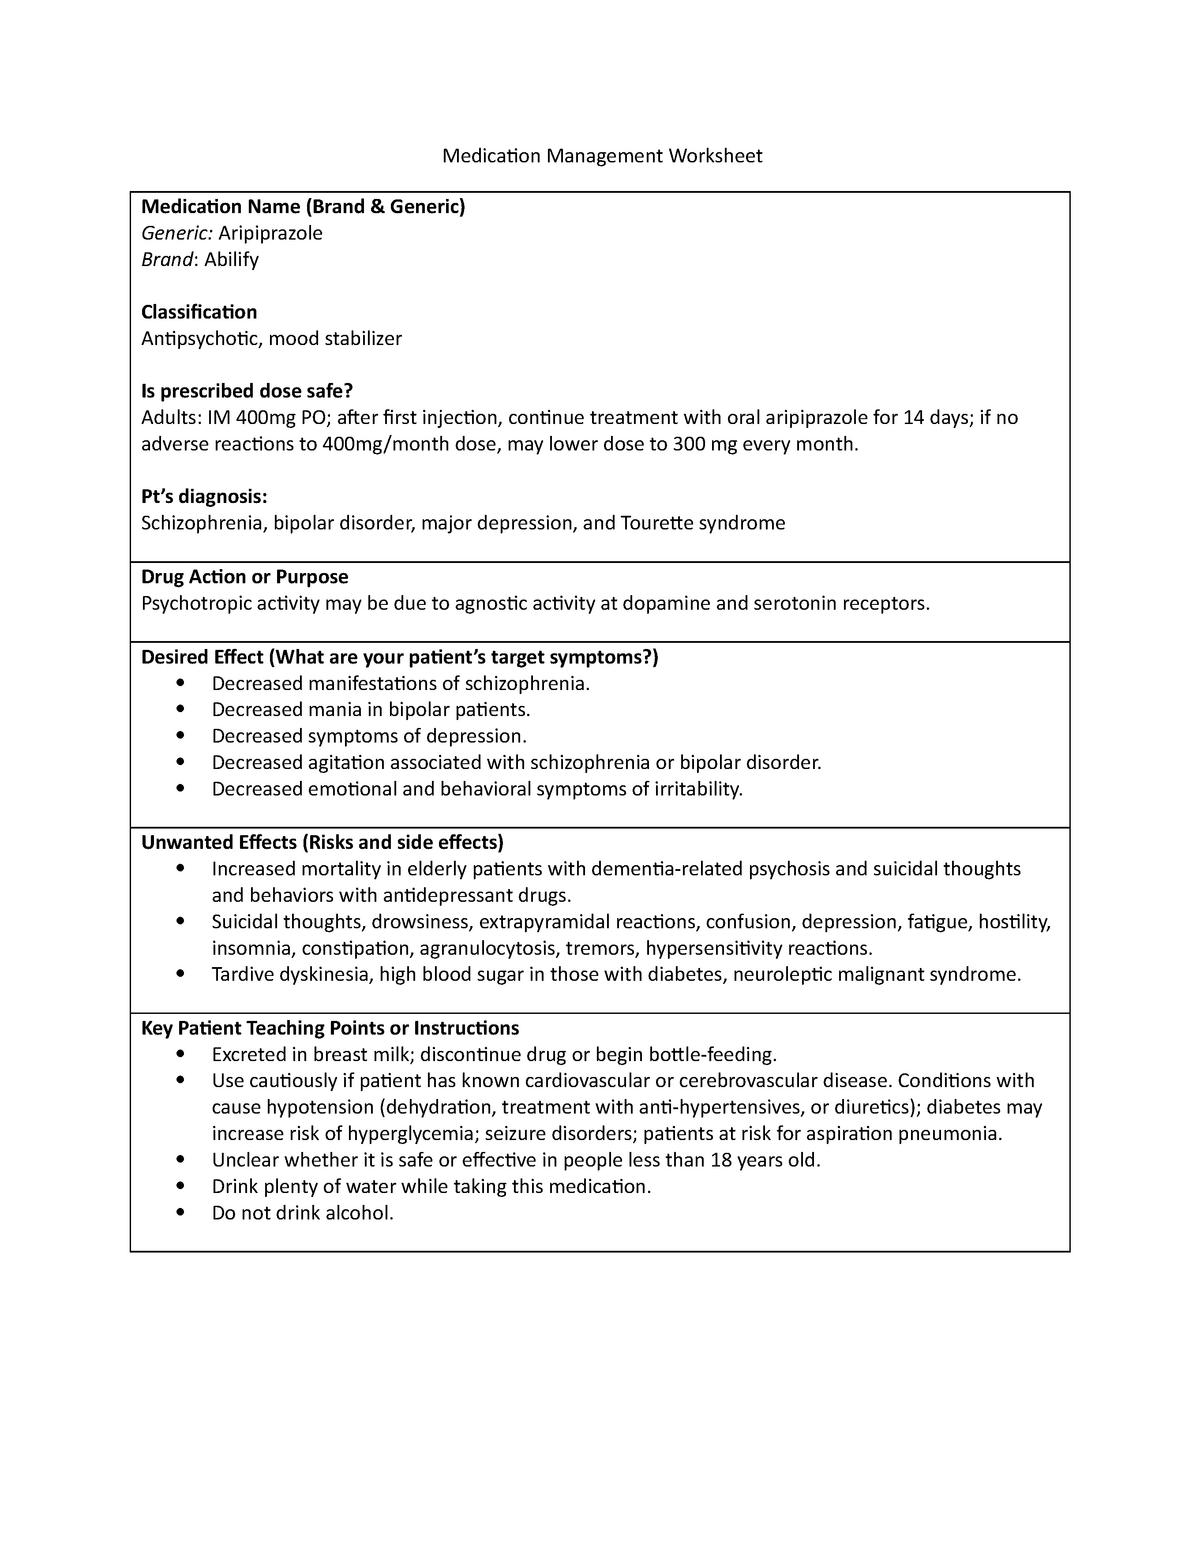 2 Medication Management Worksheets - NURS 260 - CSUSM - StuDocu